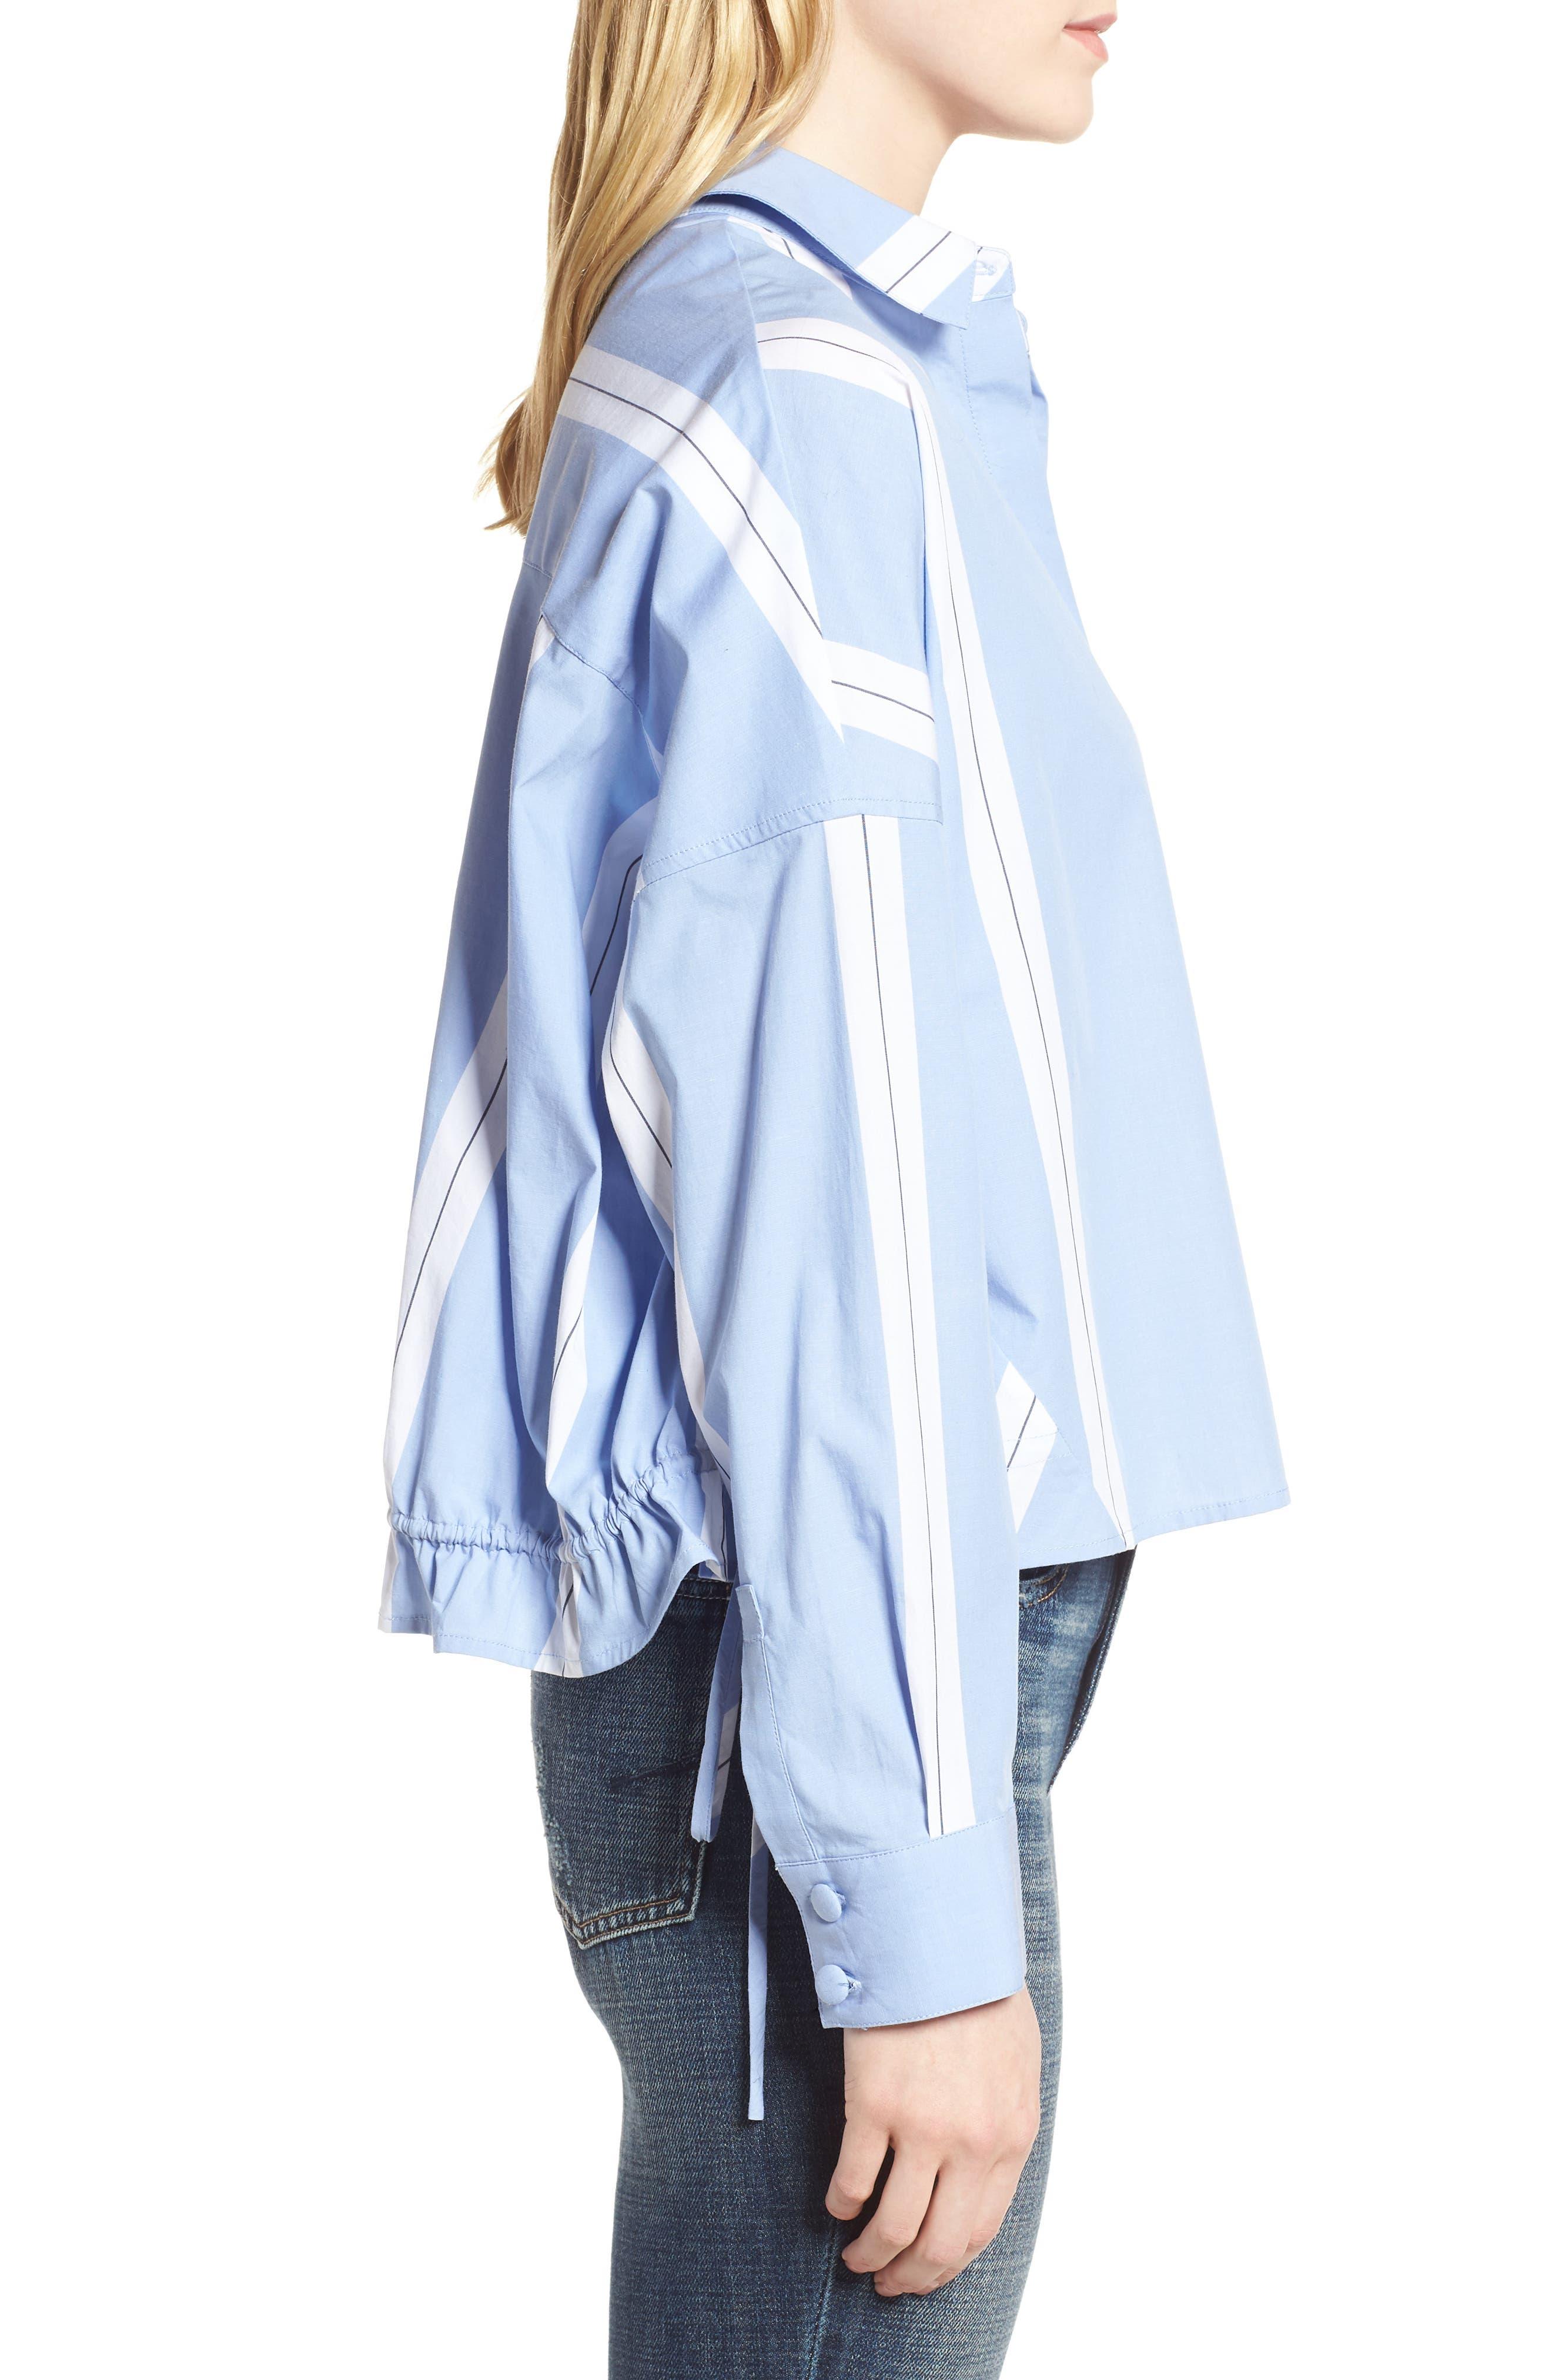 Adele Blouson Top,                             Alternate thumbnail 3, color,                             Bright White/ Cornflower Blue